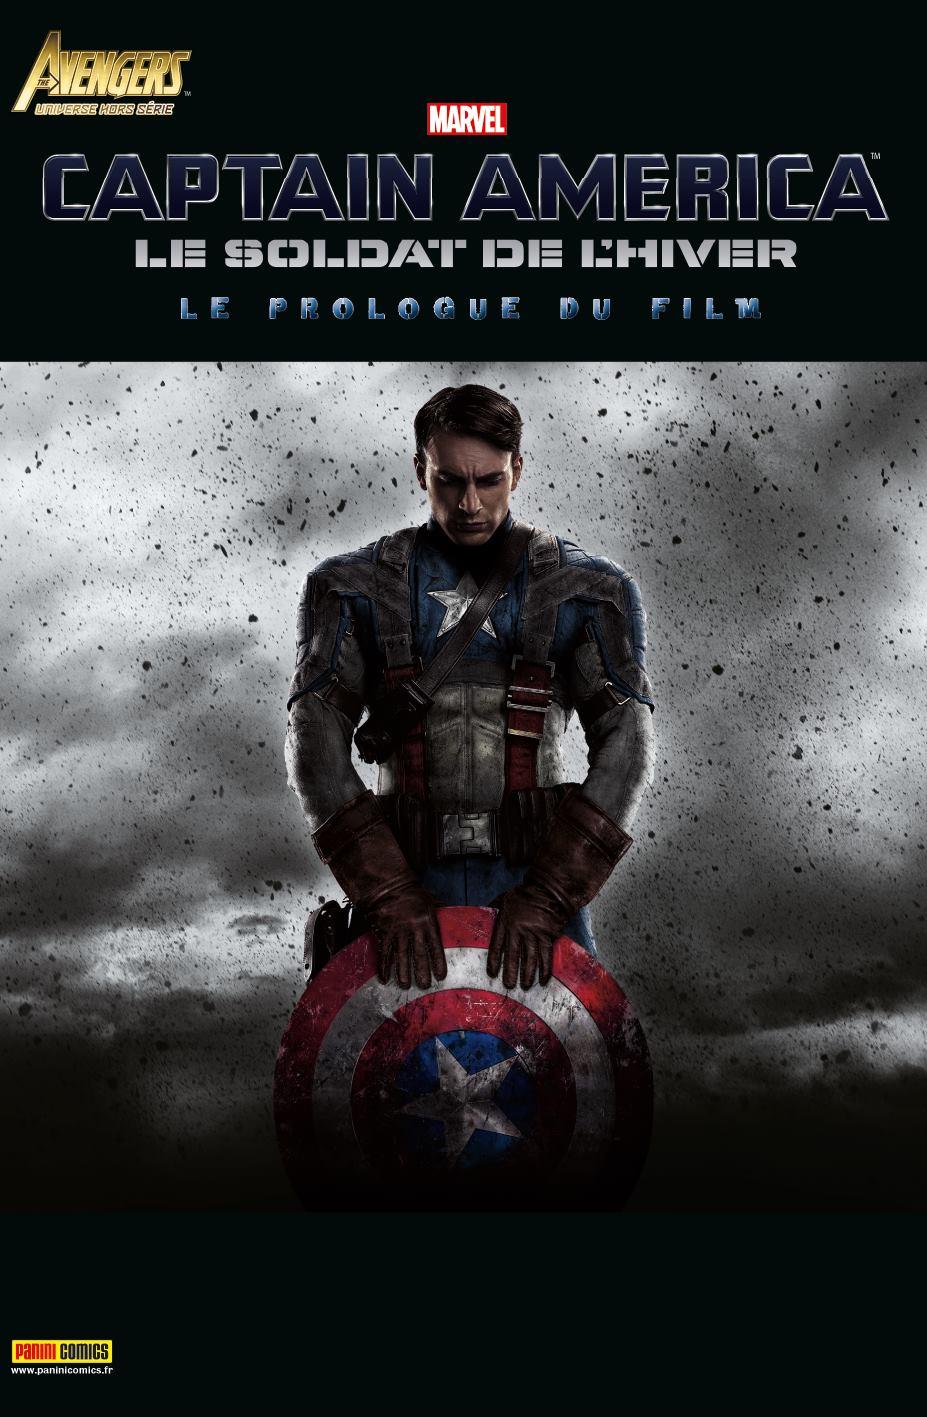 AVENGERS UNIVERSE HORS SÉRIE 2 : CAPTAIN AMERICA, LE SOLDAT DE L'HIVER - LE PROLOGUE DU FILM